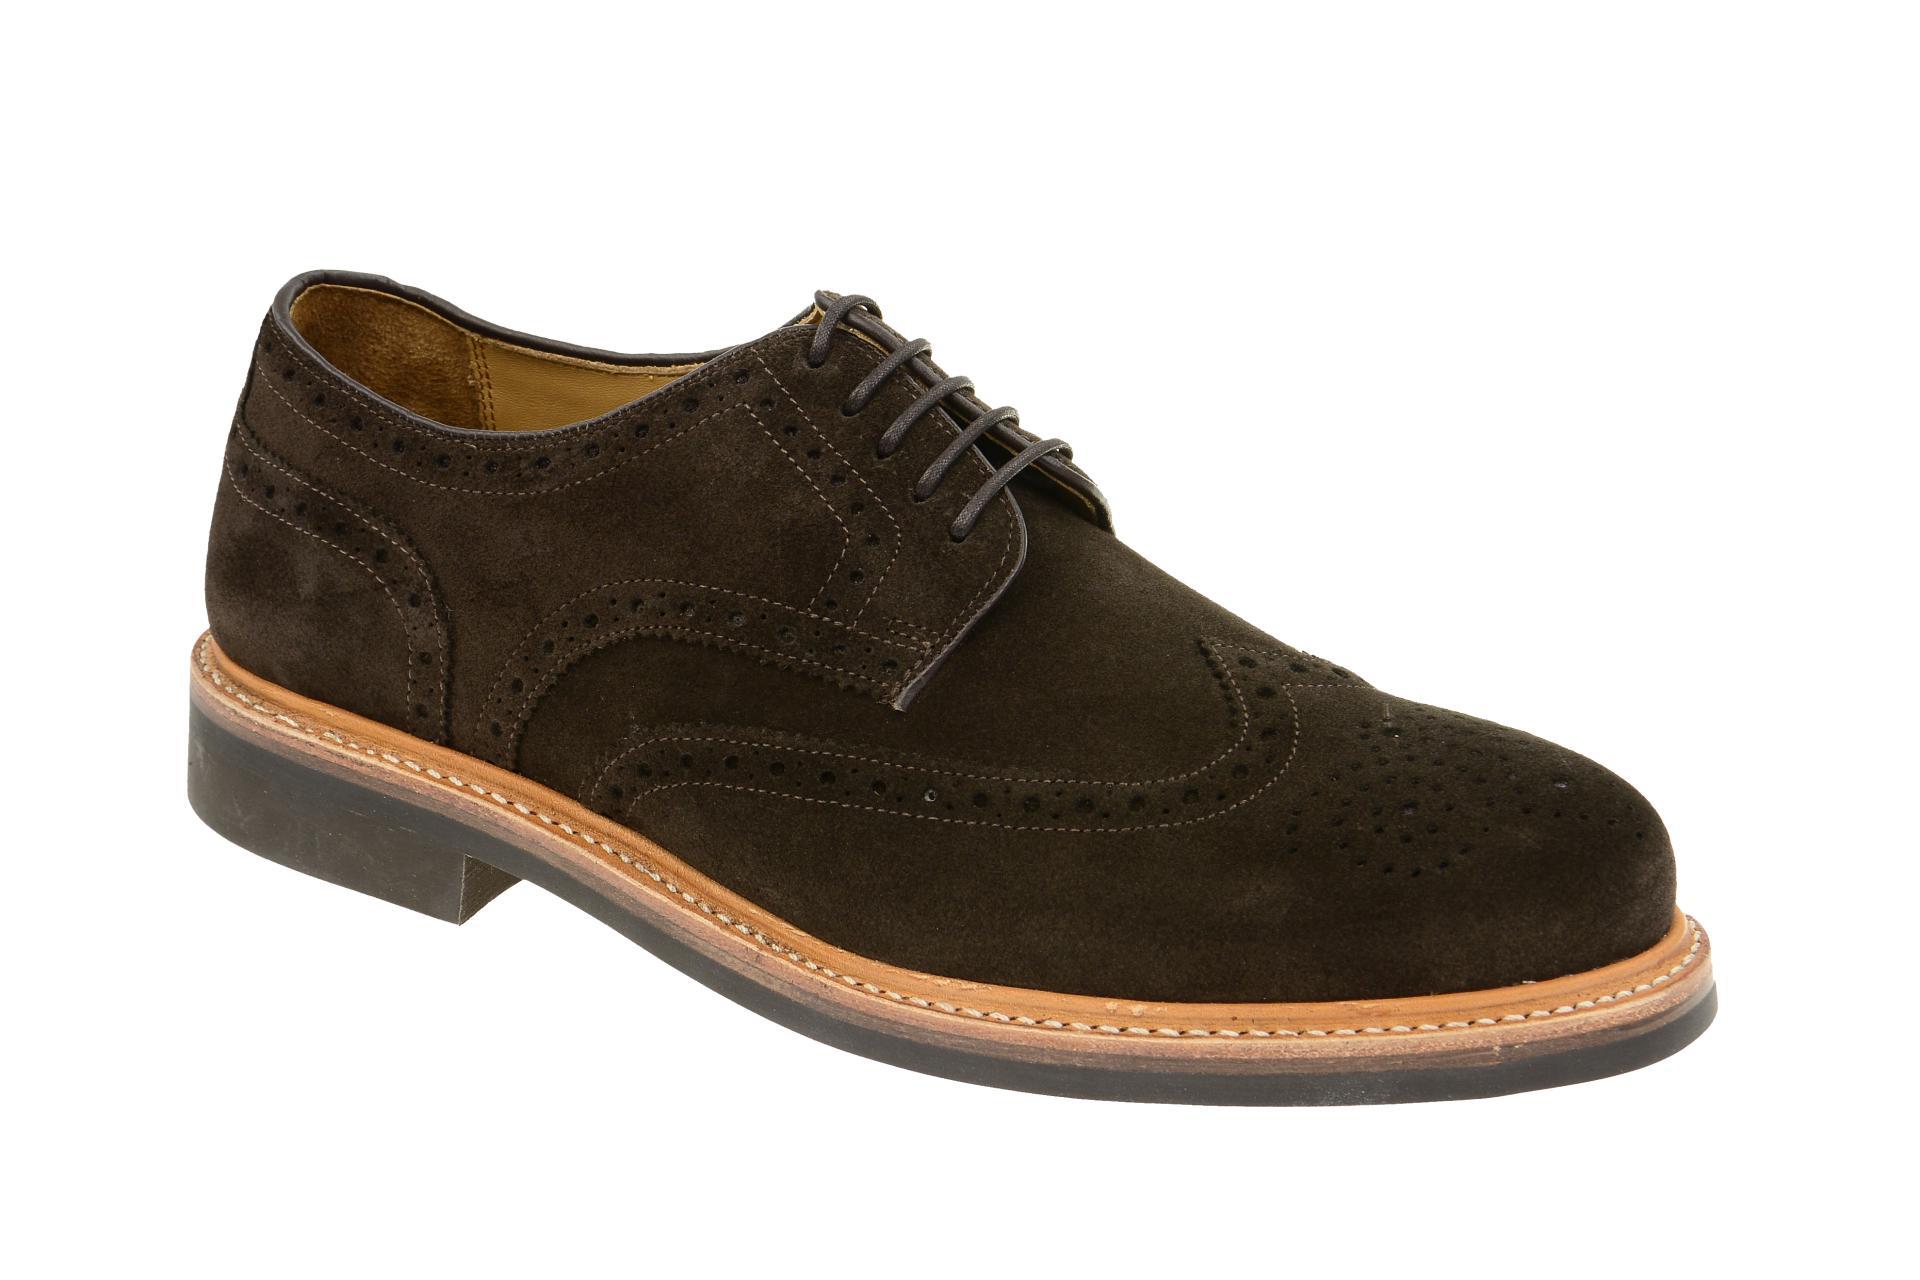 Gordon & Bros. 2318 Schuhe Levet braun Velour rahmengenäht :: Braun - 40 - Männlich - Erwachsene